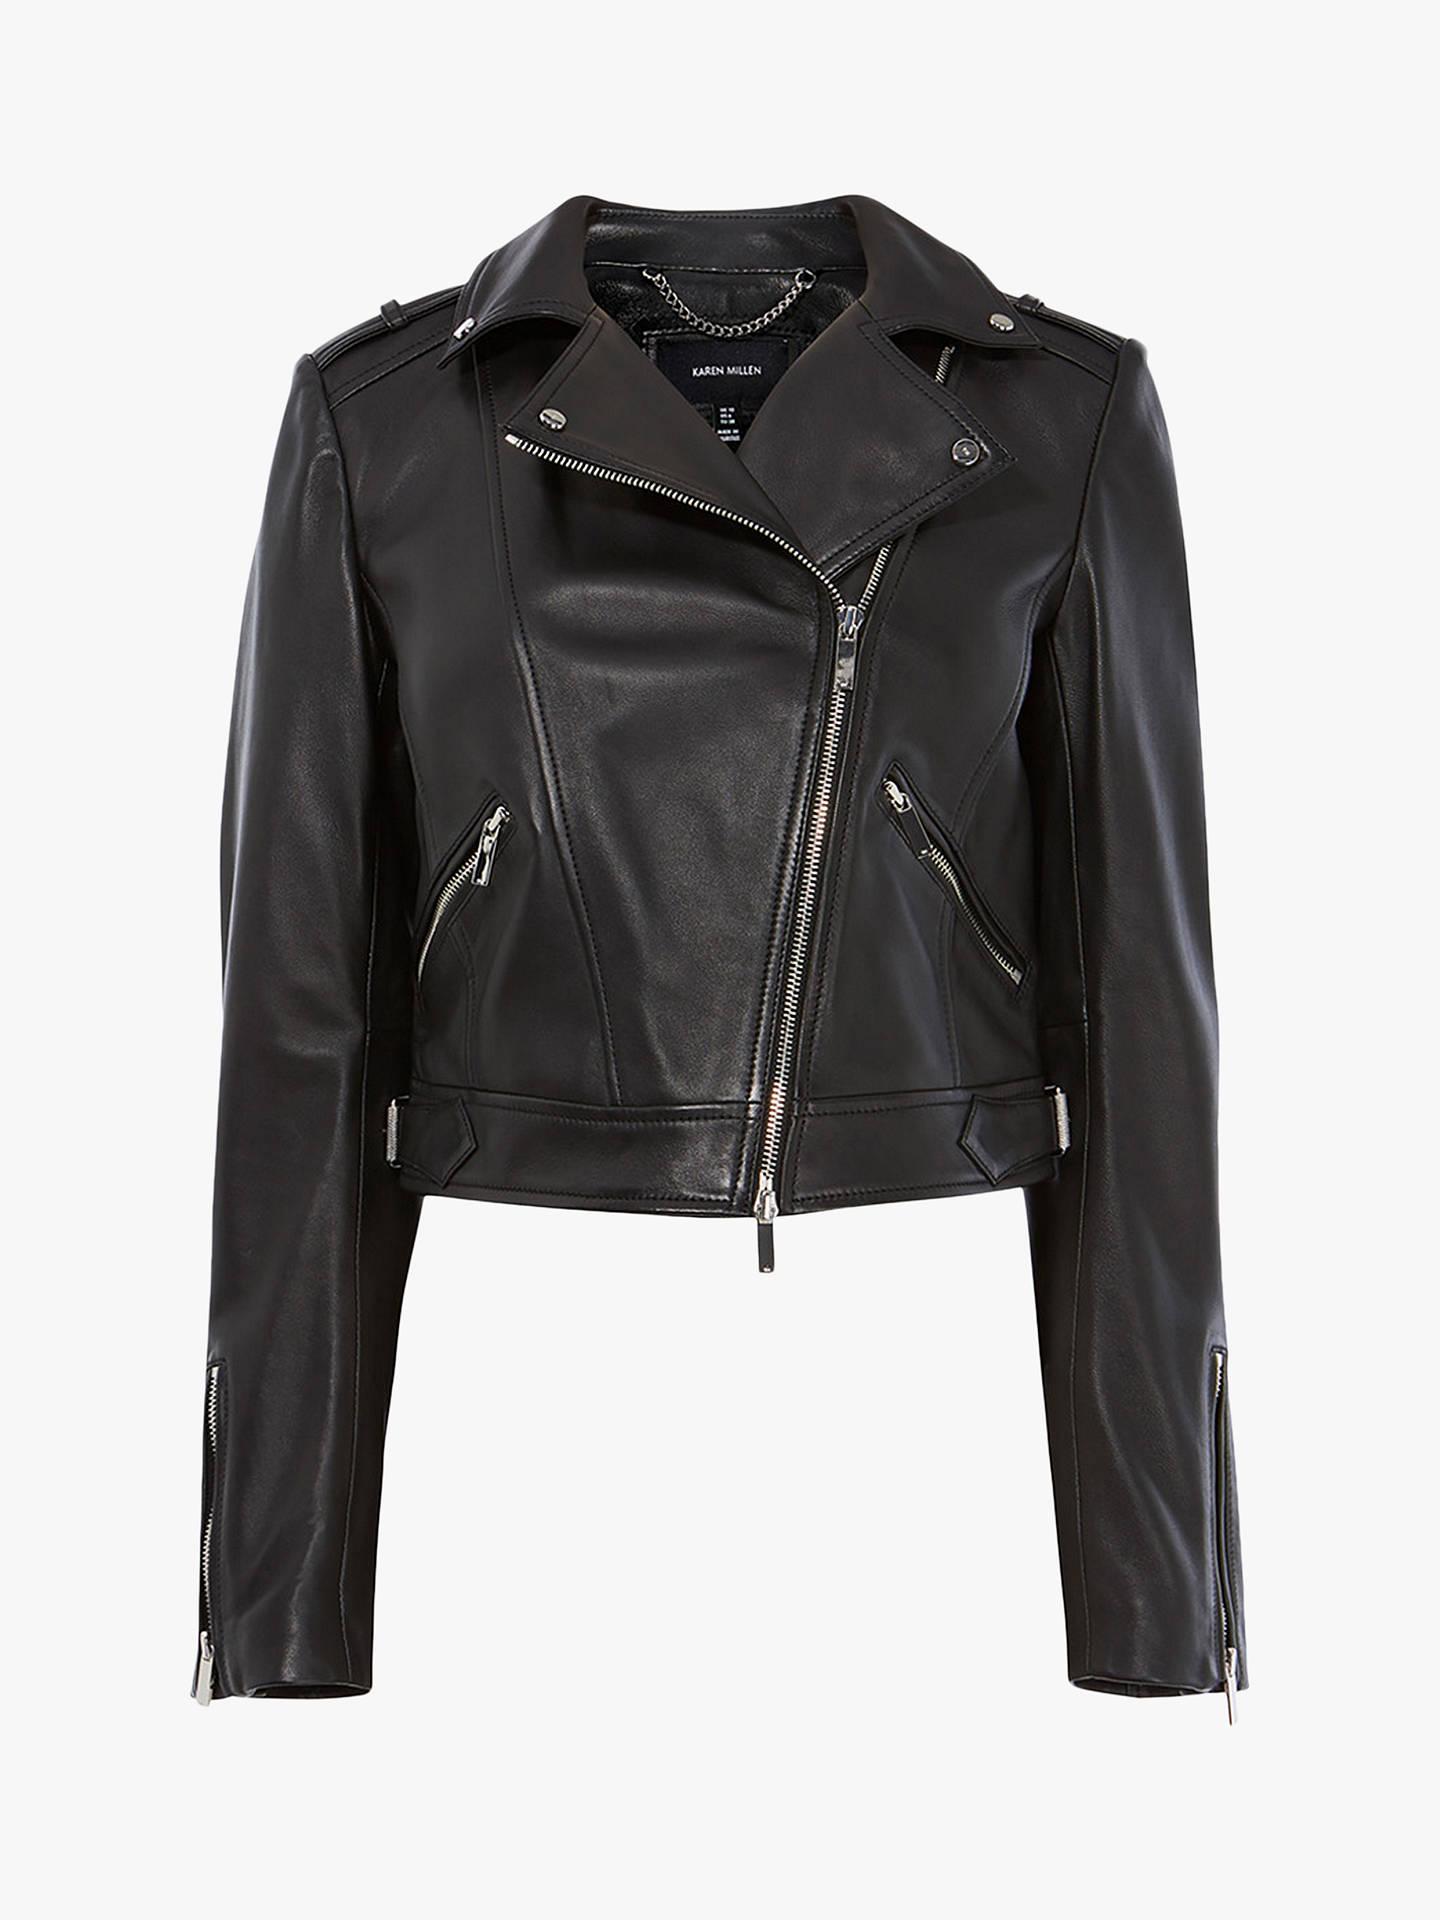 d7f25cdf0 Karen Millen Cropped Leather Biker Jacket, Black at John Lewis ...